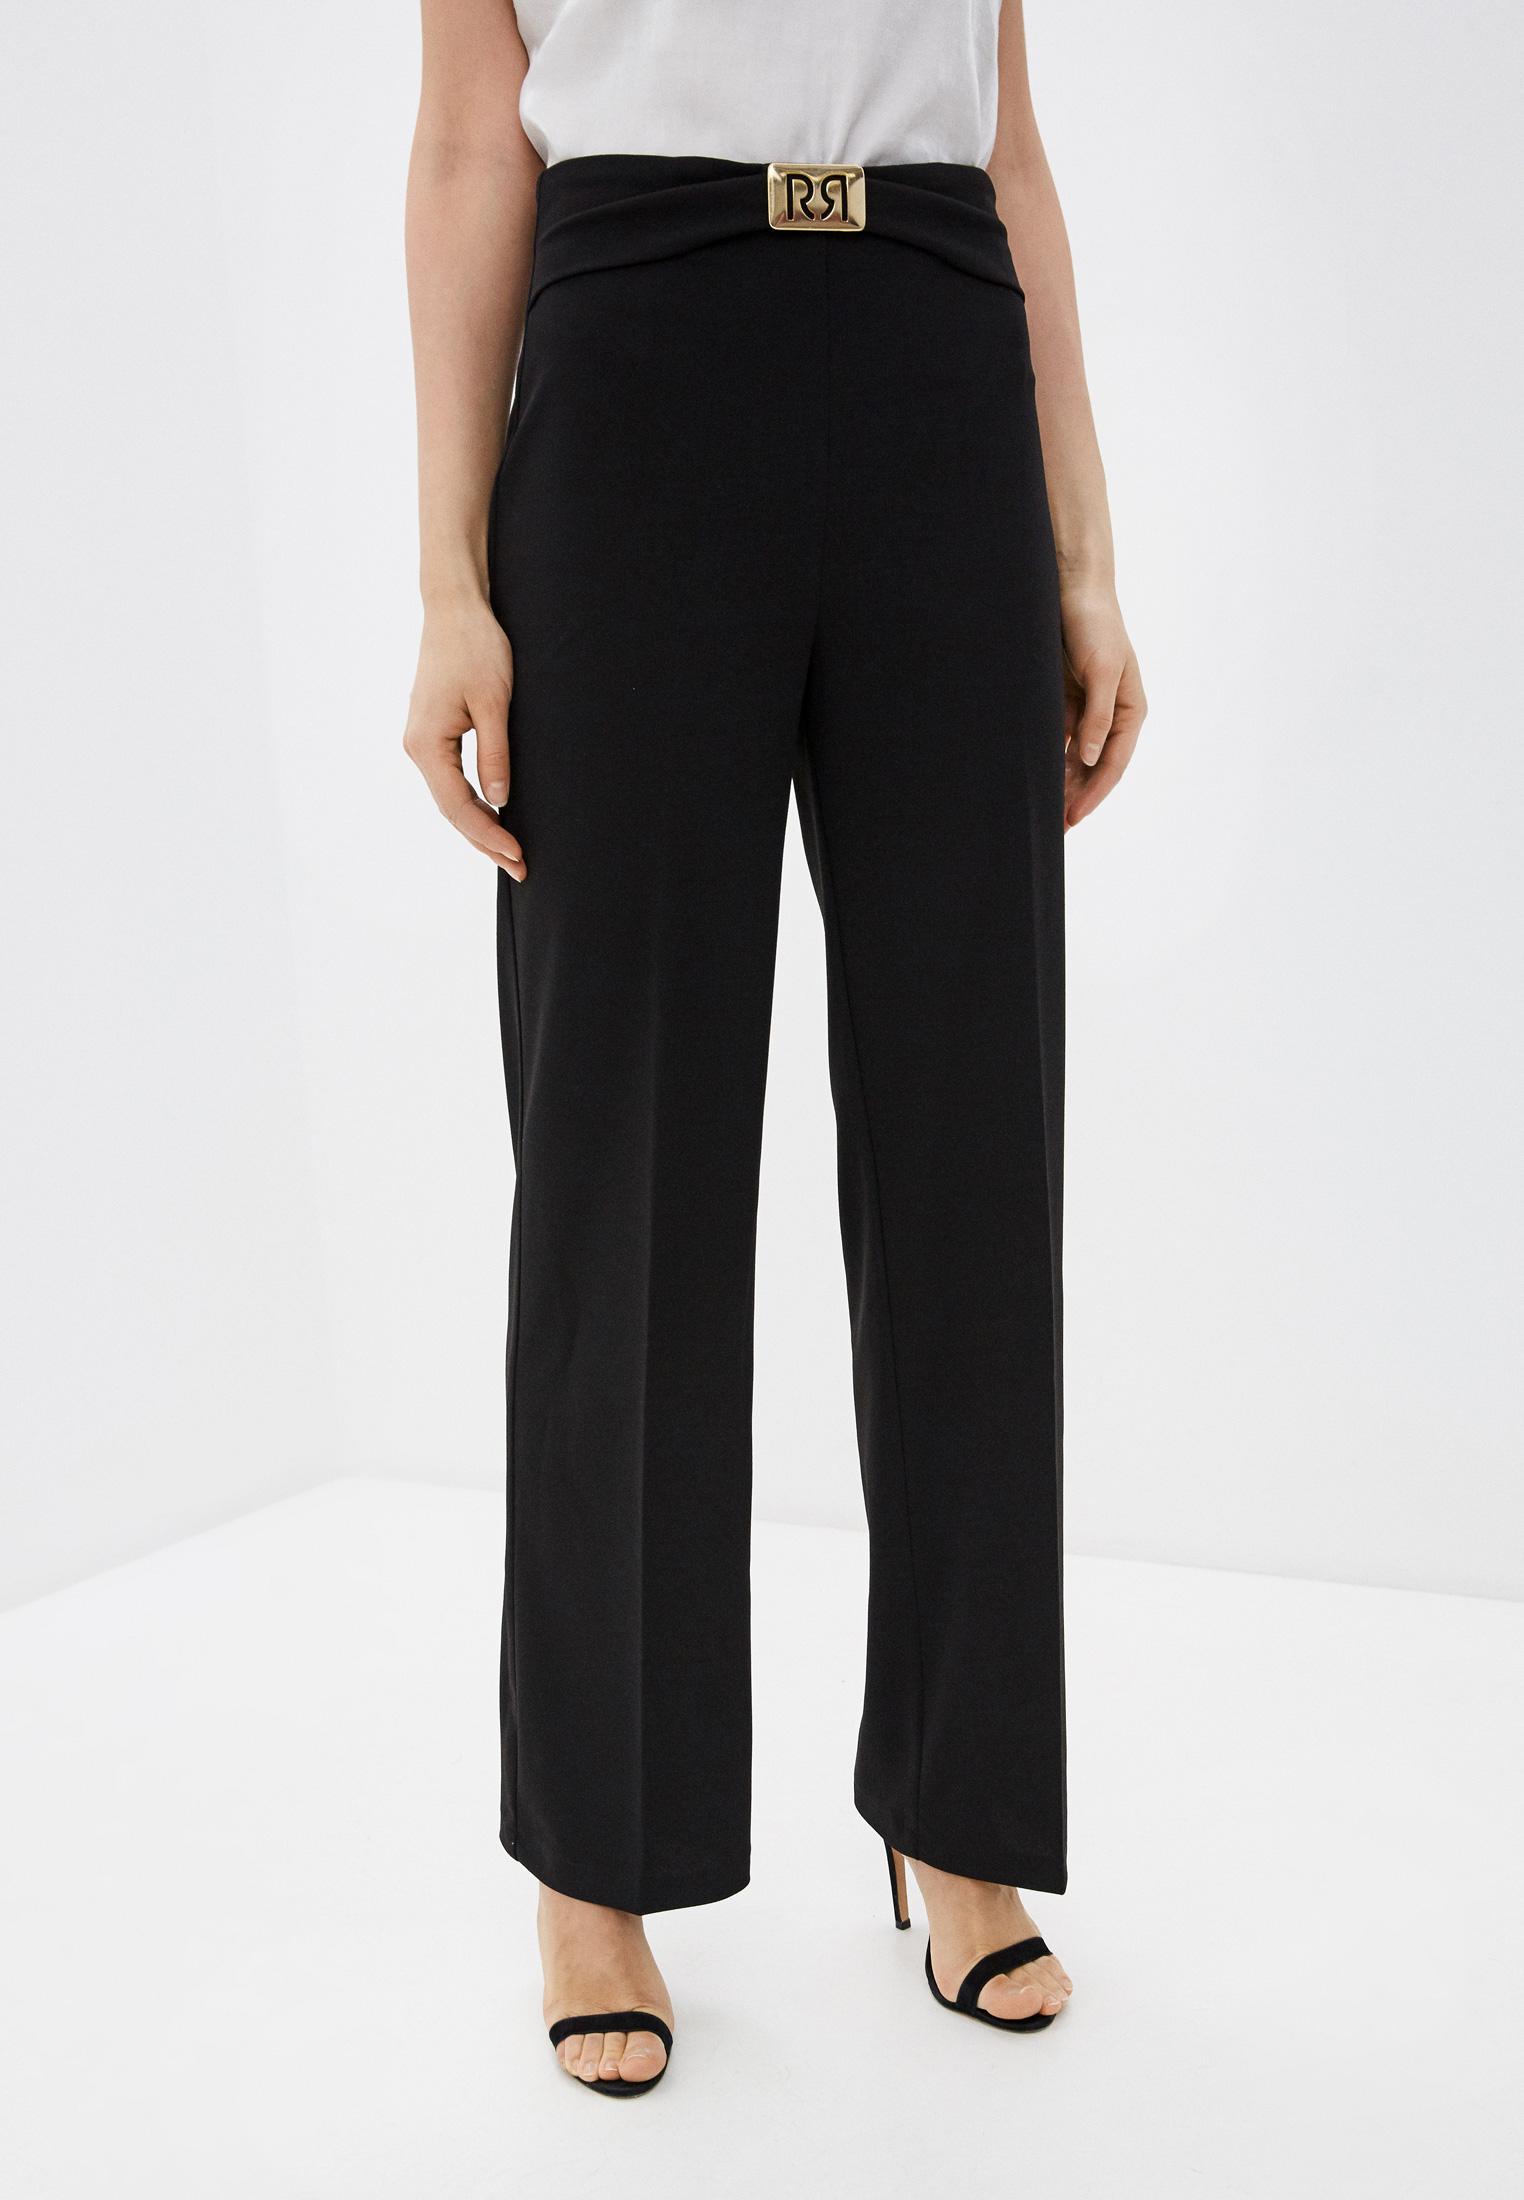 Joe Wenko Womens Juniors Elastic Waist Trousers Slim Printed Pants